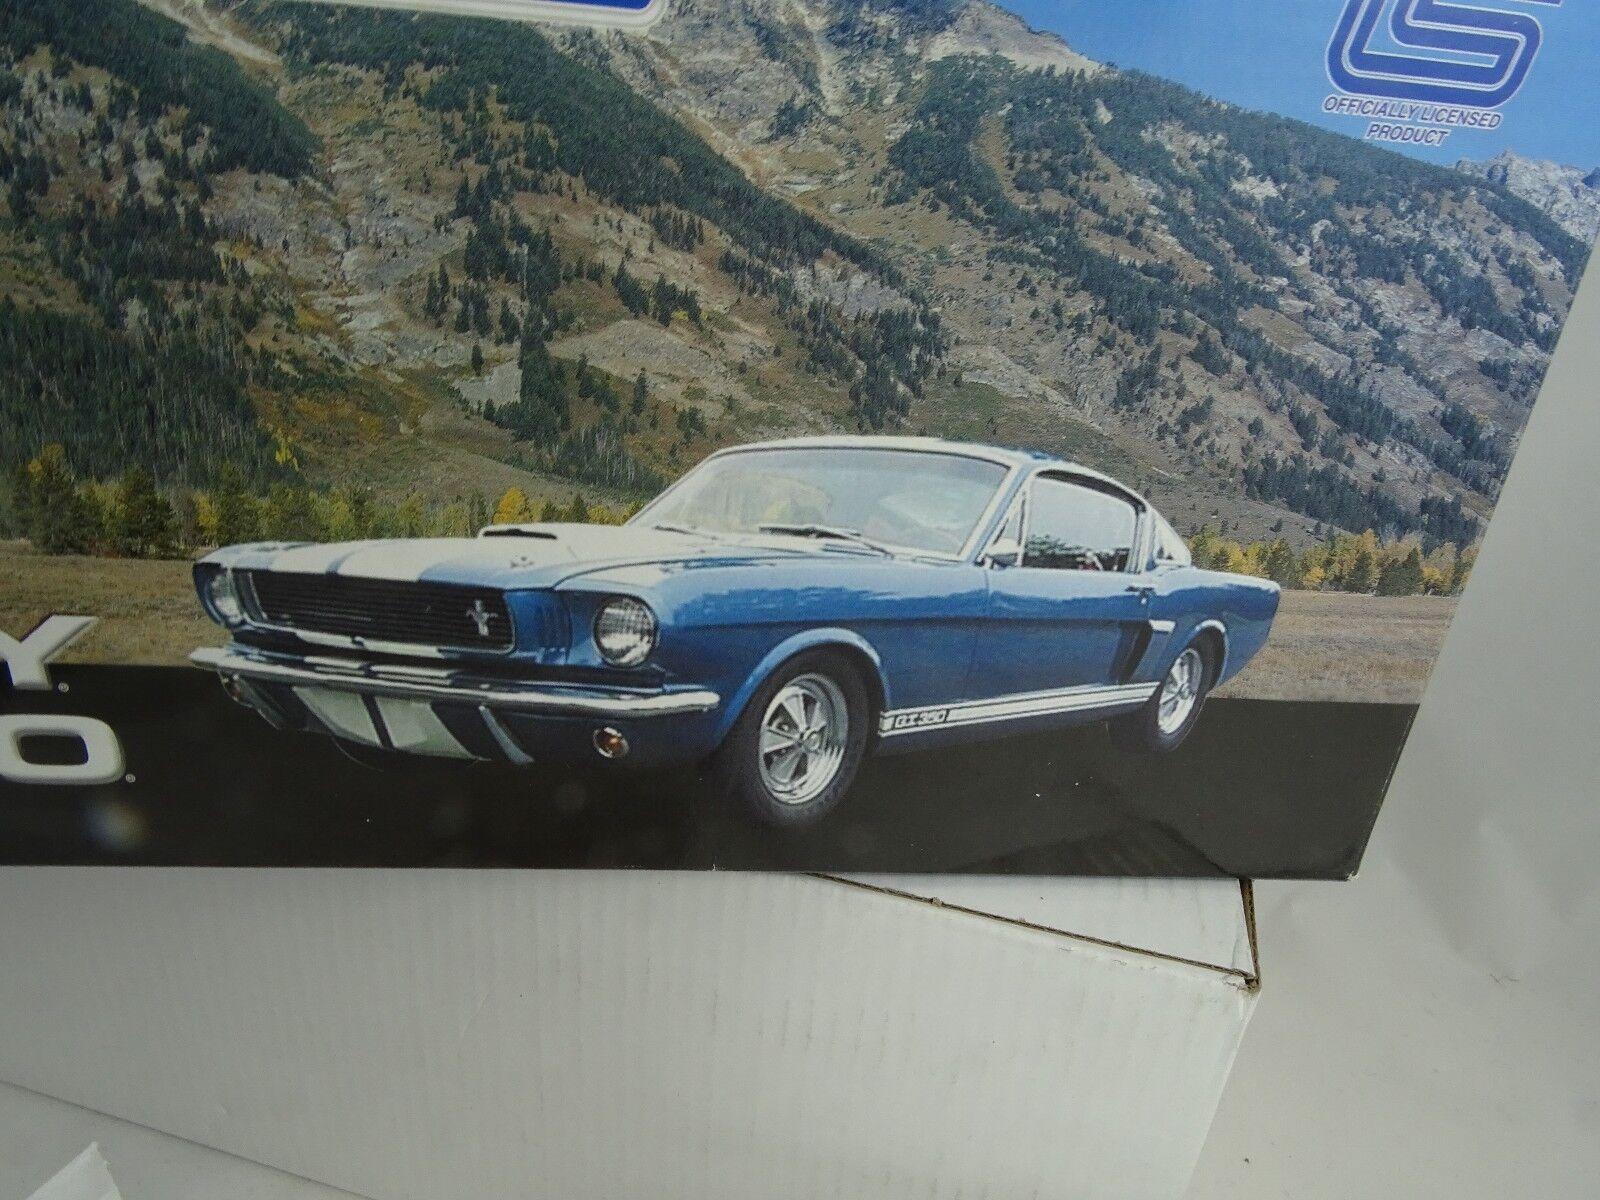 1:18 Esatto Dettaglio Lane  116 - 1966 Shelby G.T.350 Blu/Bianco Lmtd.ed-rarität